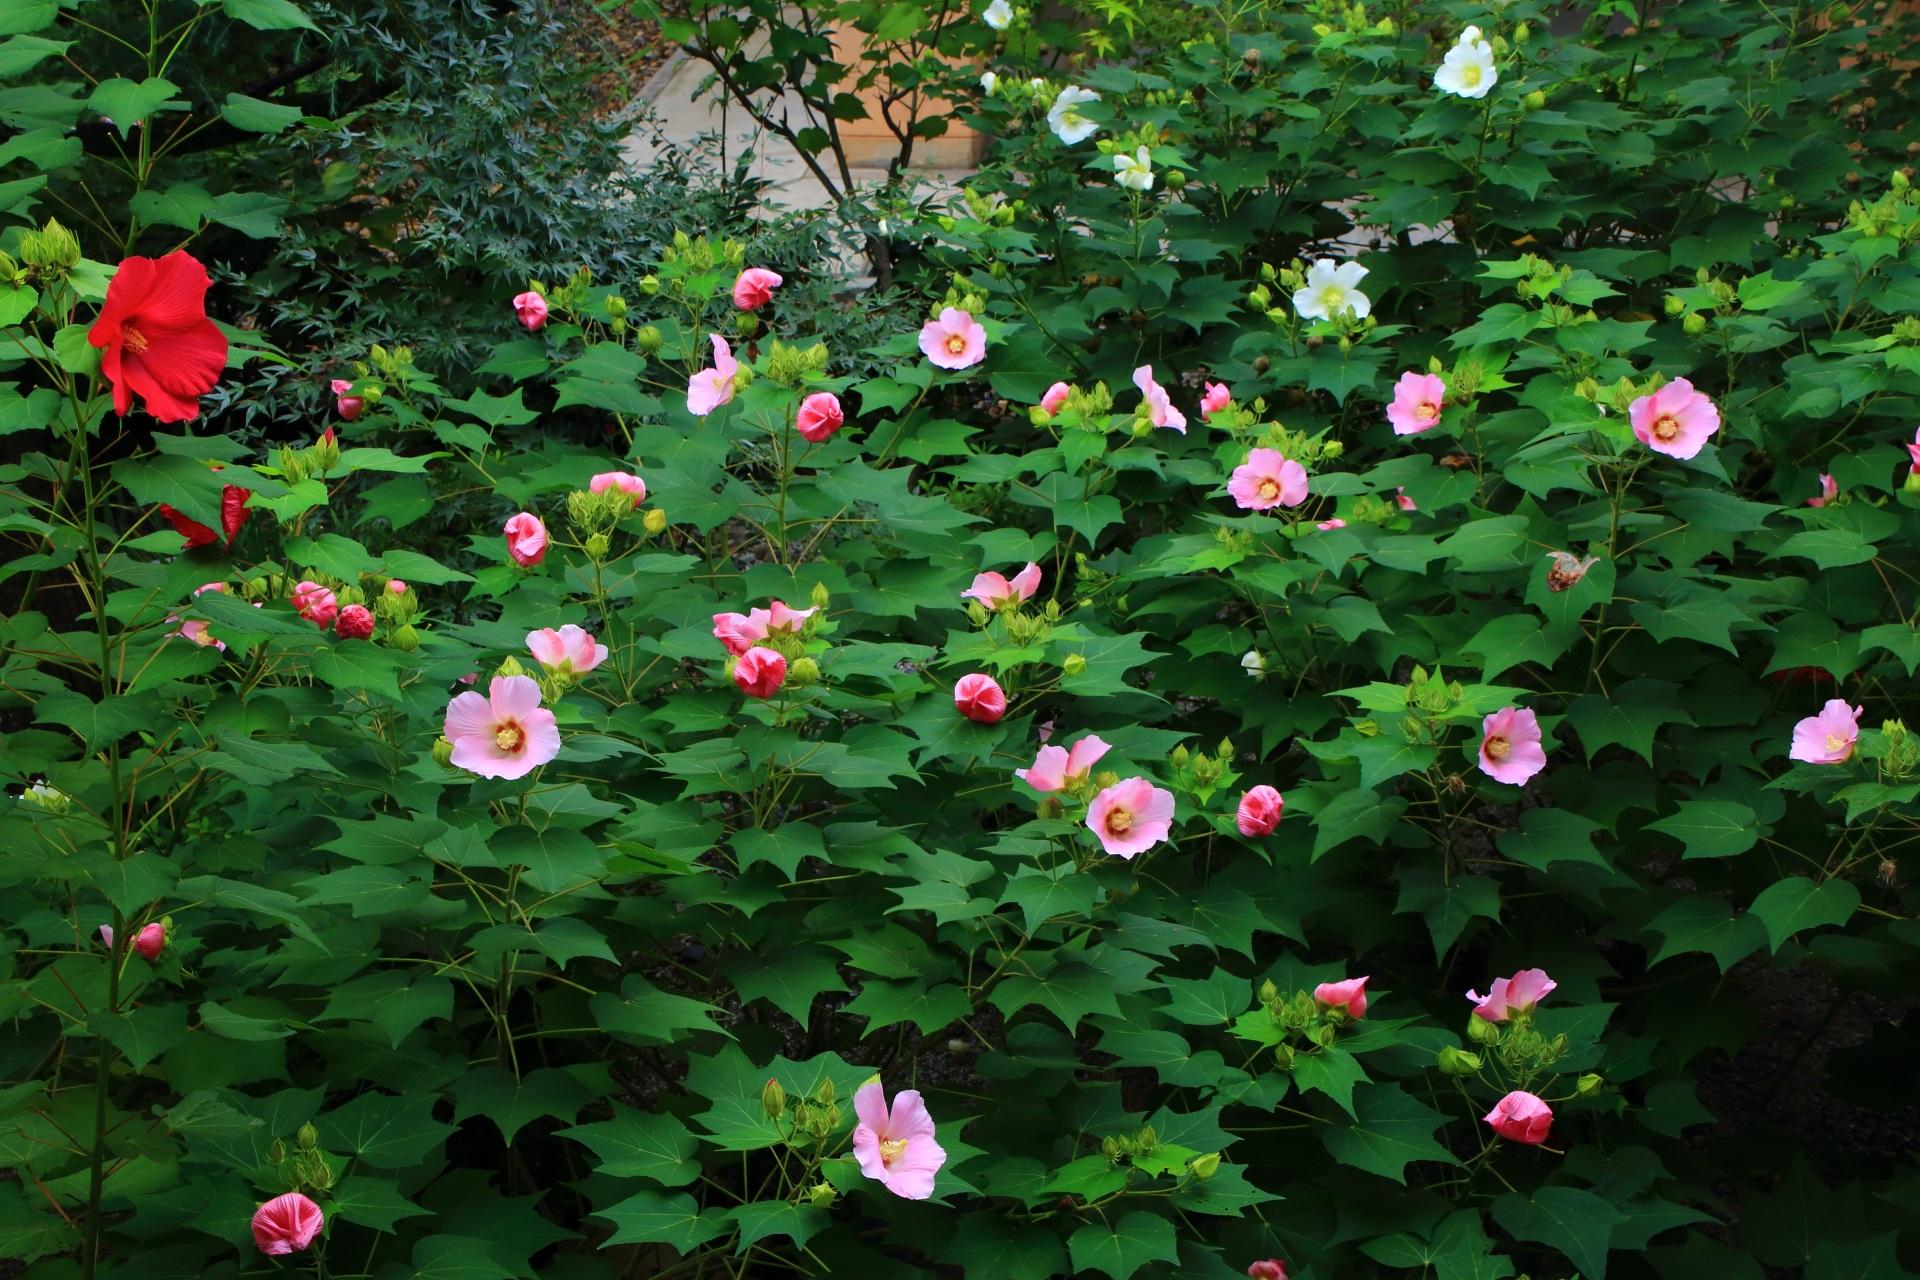 妙蓮寺のまだまだ見ごろの芙蓉の花